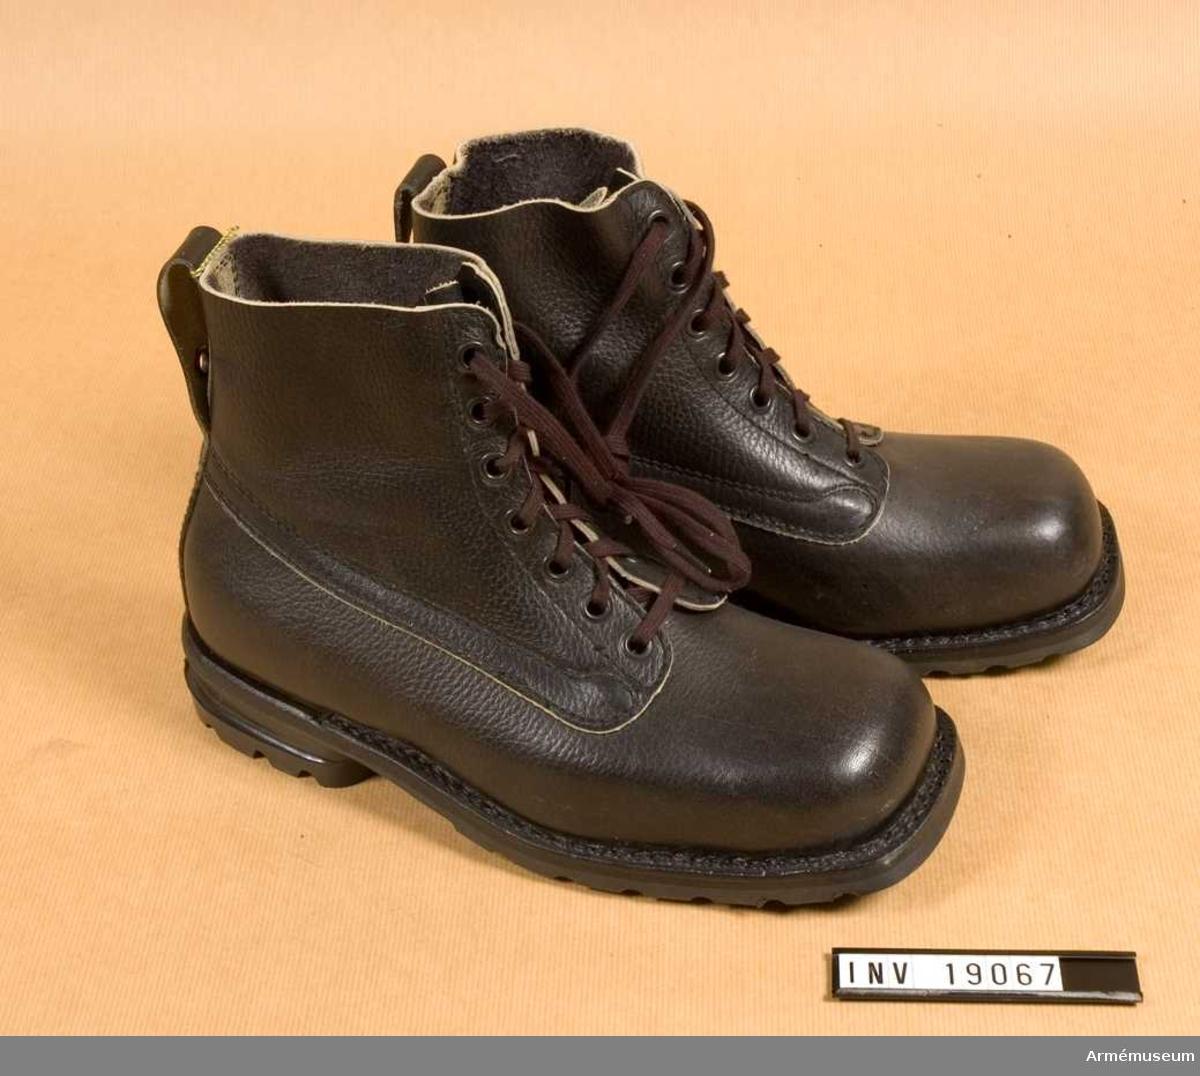 Becksömsydda, svarta skodon i helbesätsmodell med besätsfoder, bakrem och med klack och yttersula av gummi. Snörning i sju hål och med pådragsögla  baktill.